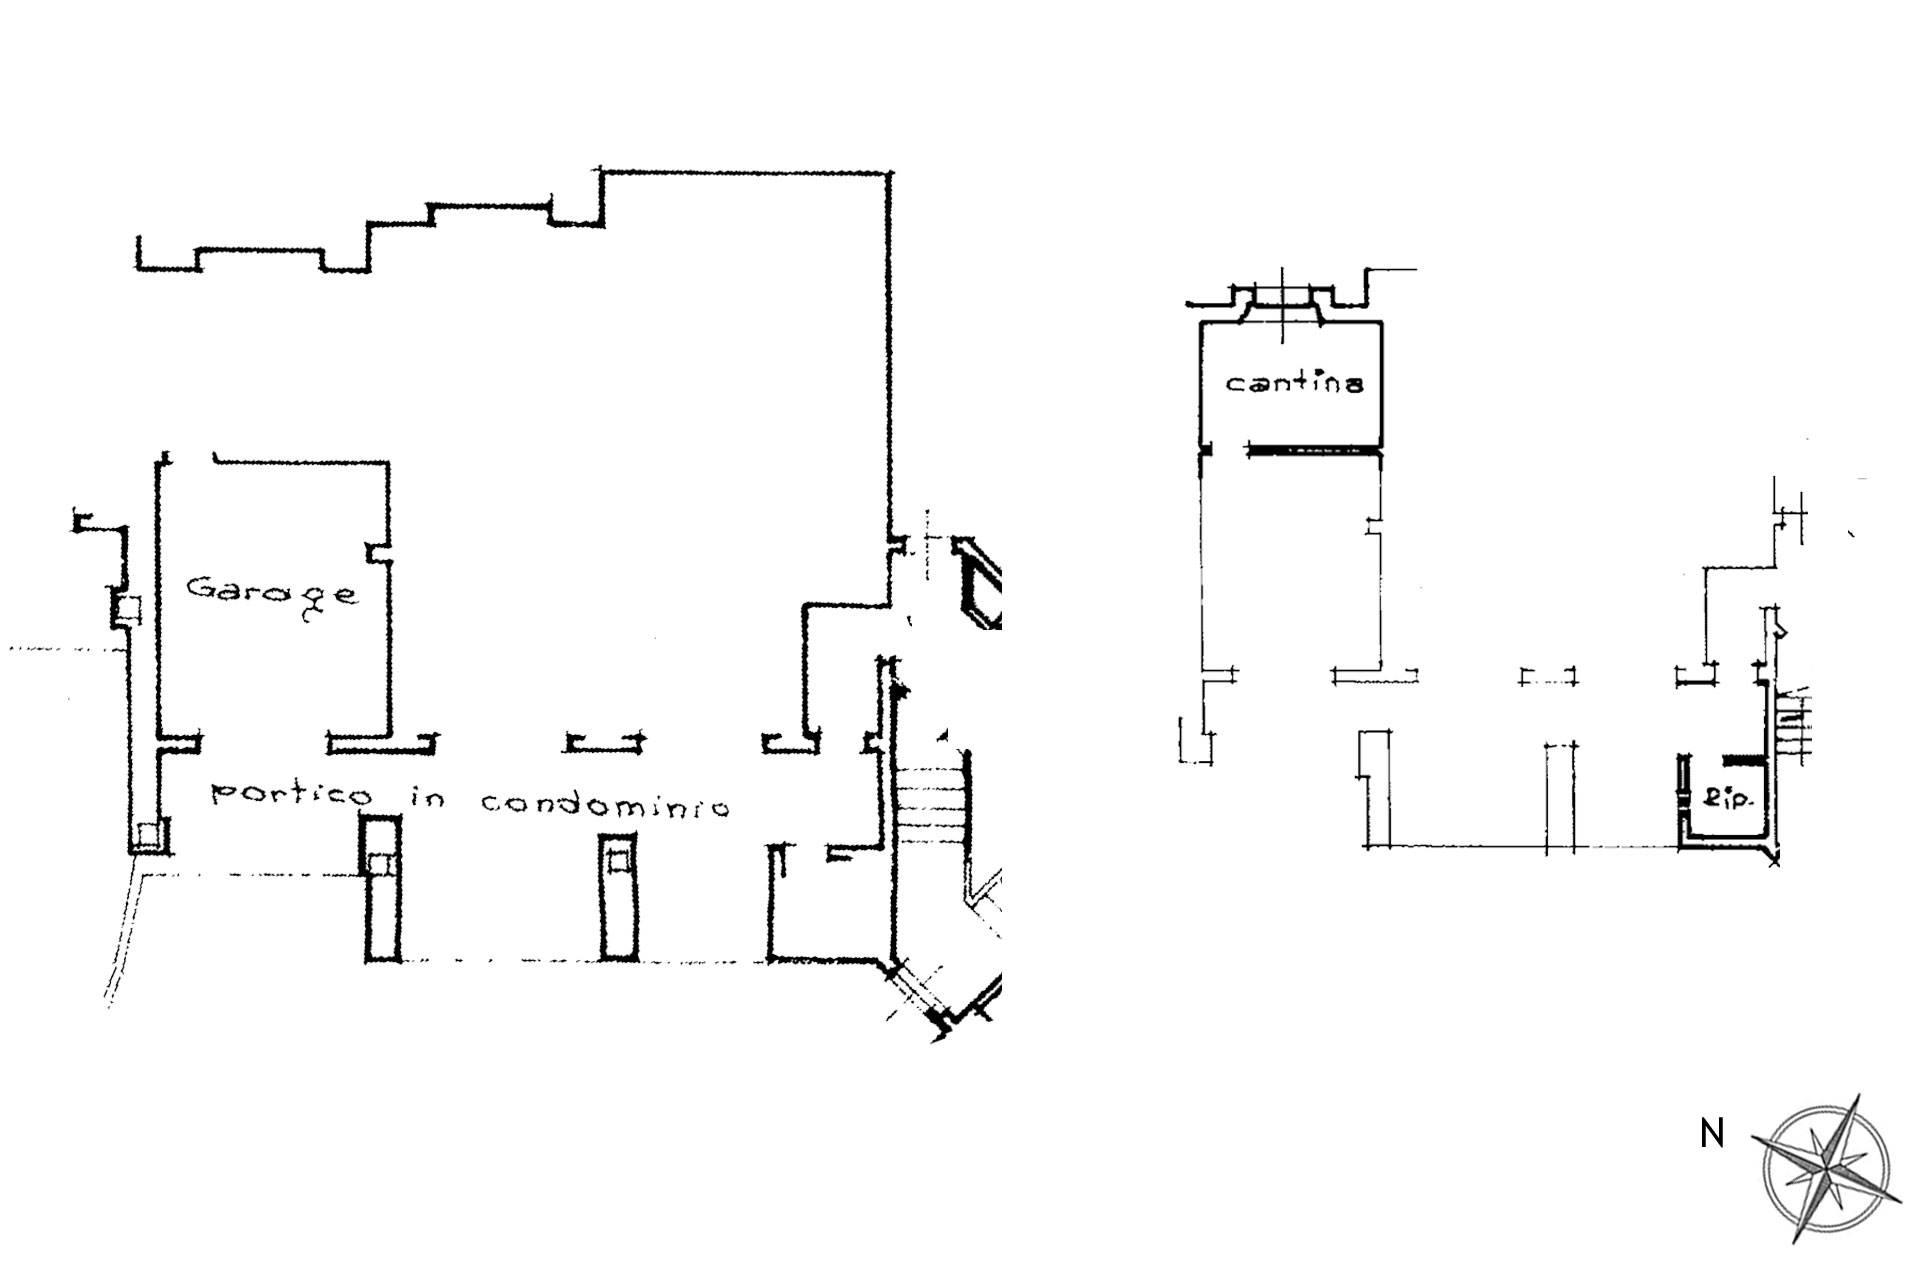 plan garage e cantina